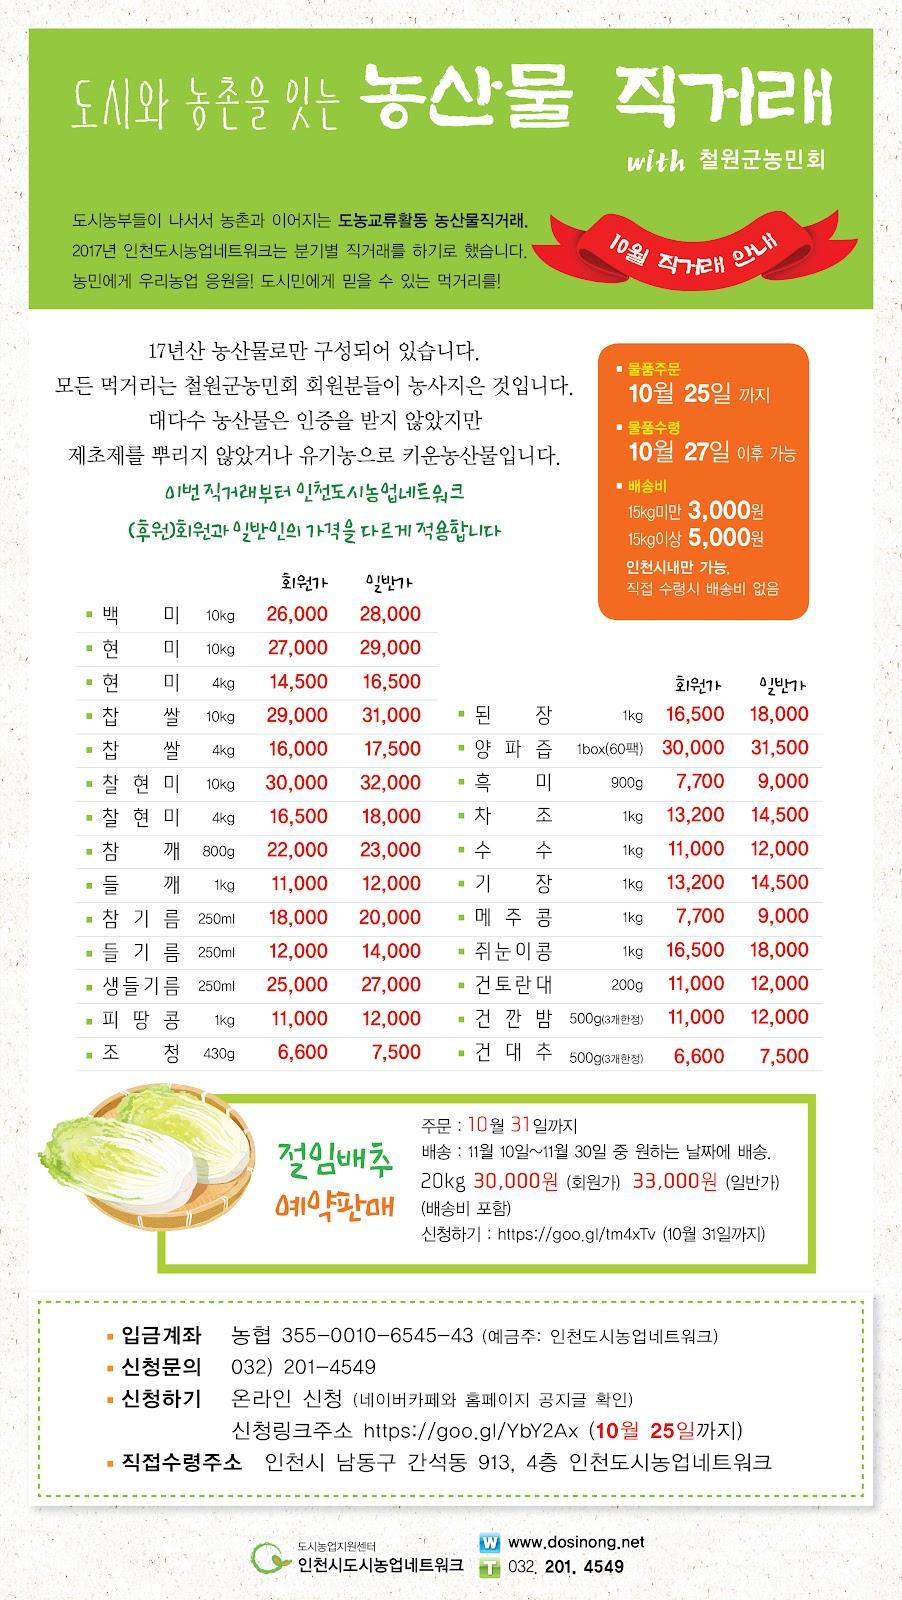 2017년 10월 농산물 직거래 홍보 웹자보.jpg